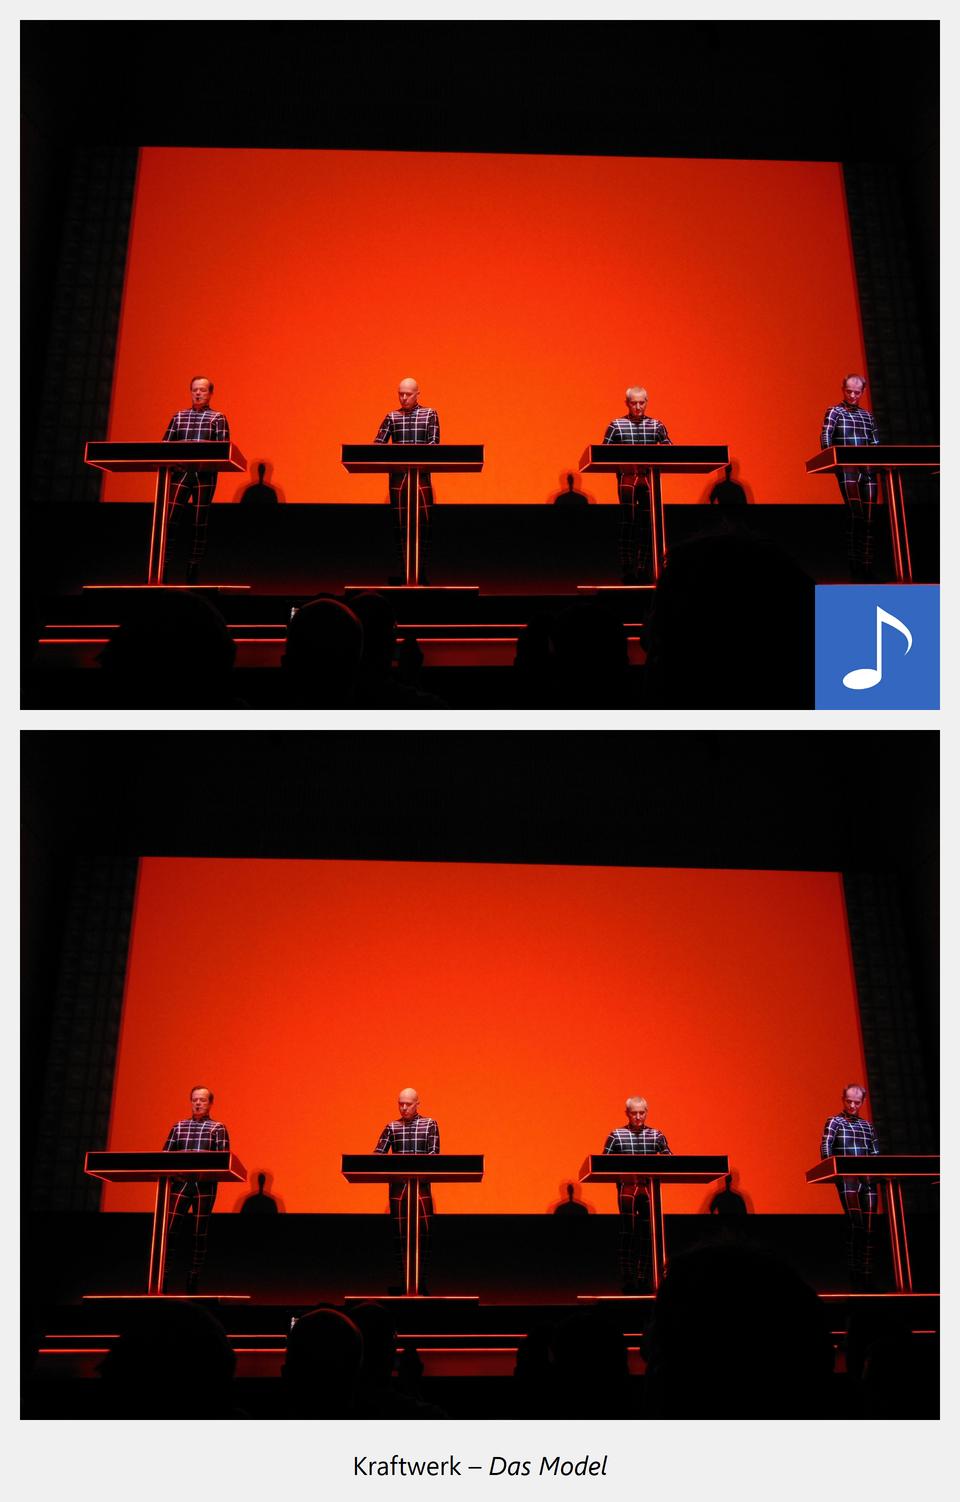 Ilustracja interaktywna - po kliknięciu kursorem myszy na grafikę przedstawiającą czterech mężczyzn za keyboardami, zostanie wyświetlona informacja dodatkowa oraz odtworzony utwór muzyczny. Dodatkowe informacje: